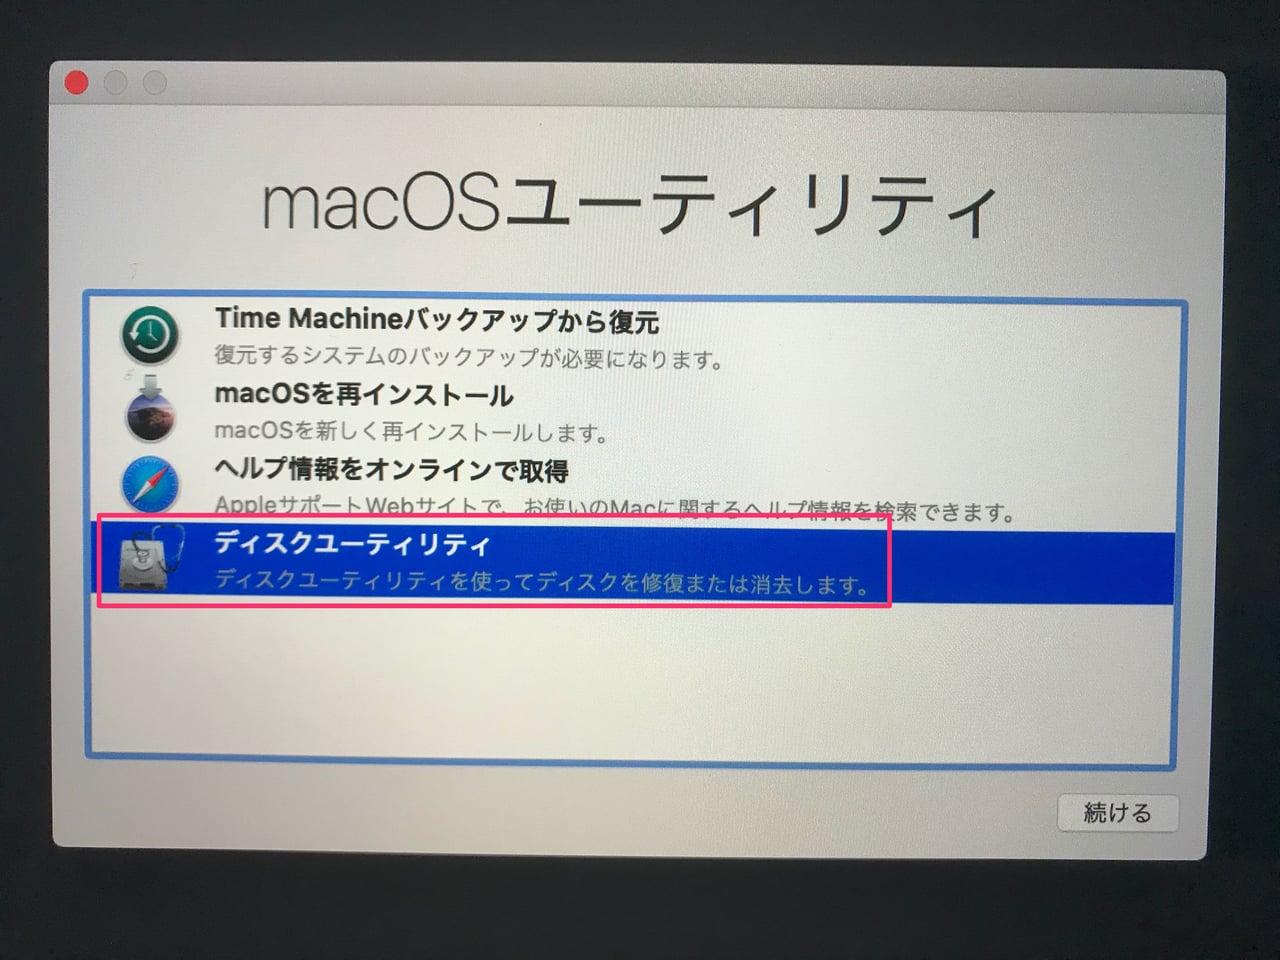 macOSユーティリティで「ディスクユーティリティ」